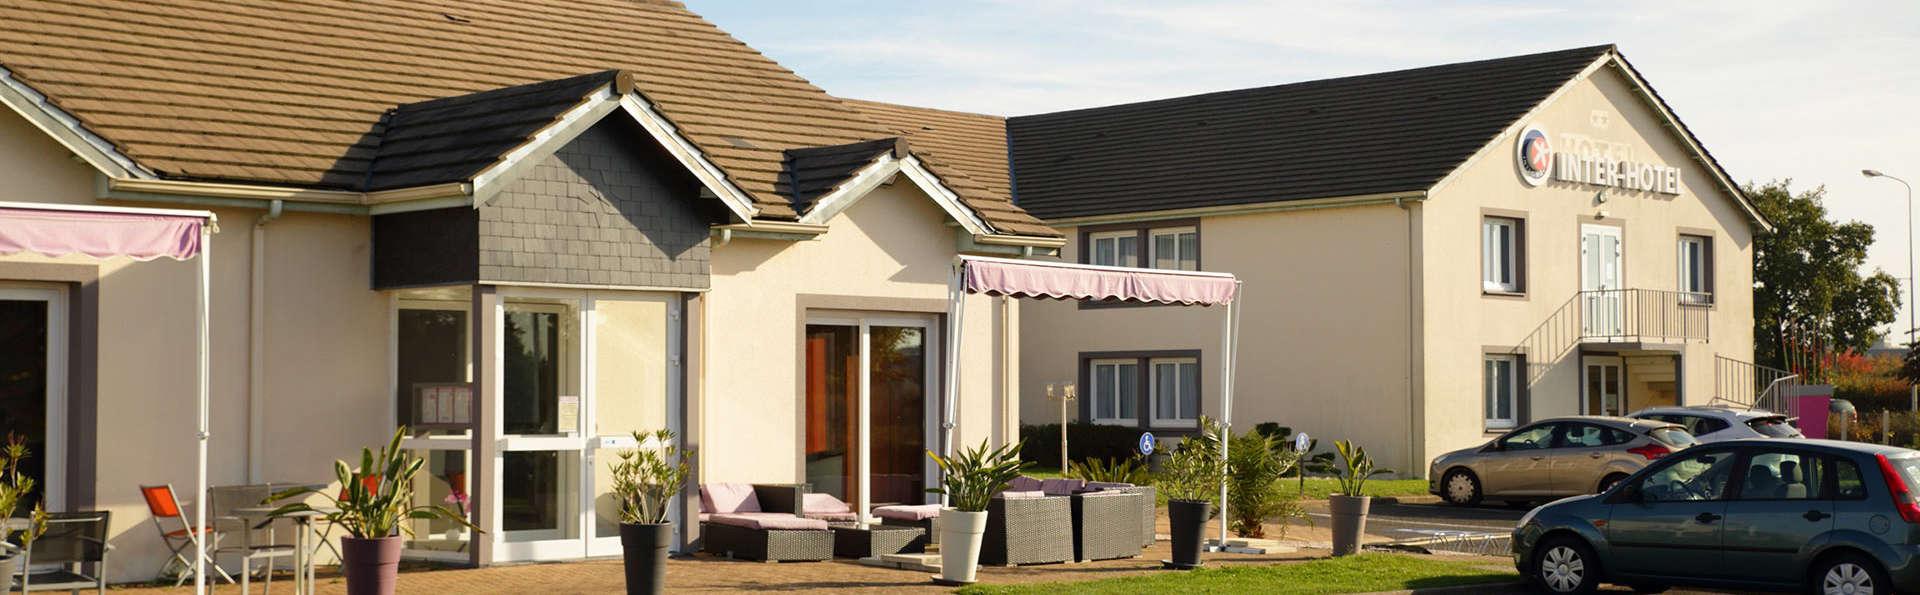 inter hotel la terrasse 3 tours france. Black Bedroom Furniture Sets. Home Design Ideas